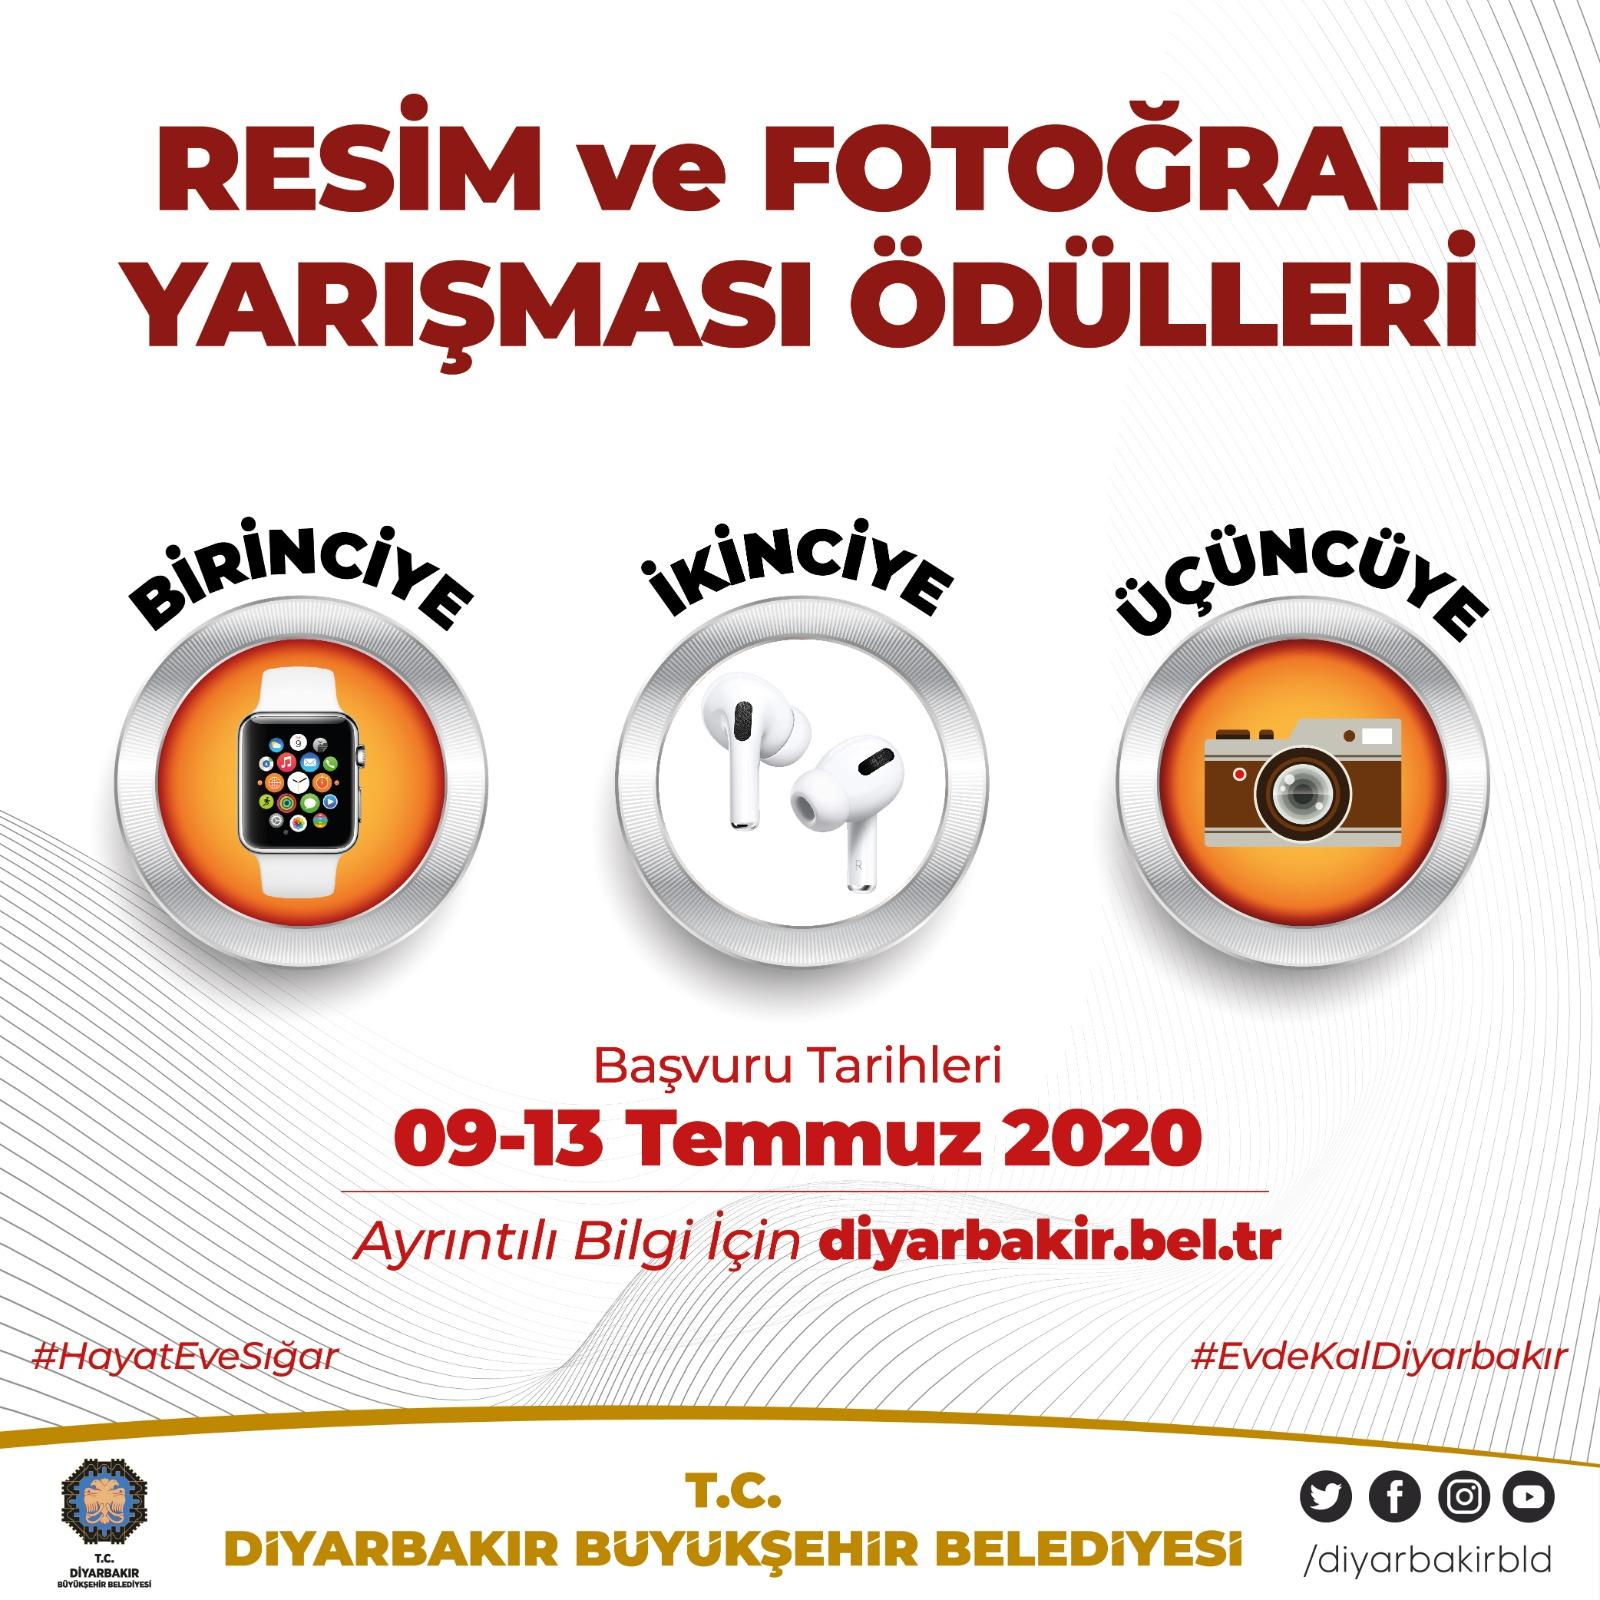 diyarbakir-buyuksehir-belediyesinden-15-temmuz-temali-odullu-yarismalar%2B%25281%2529